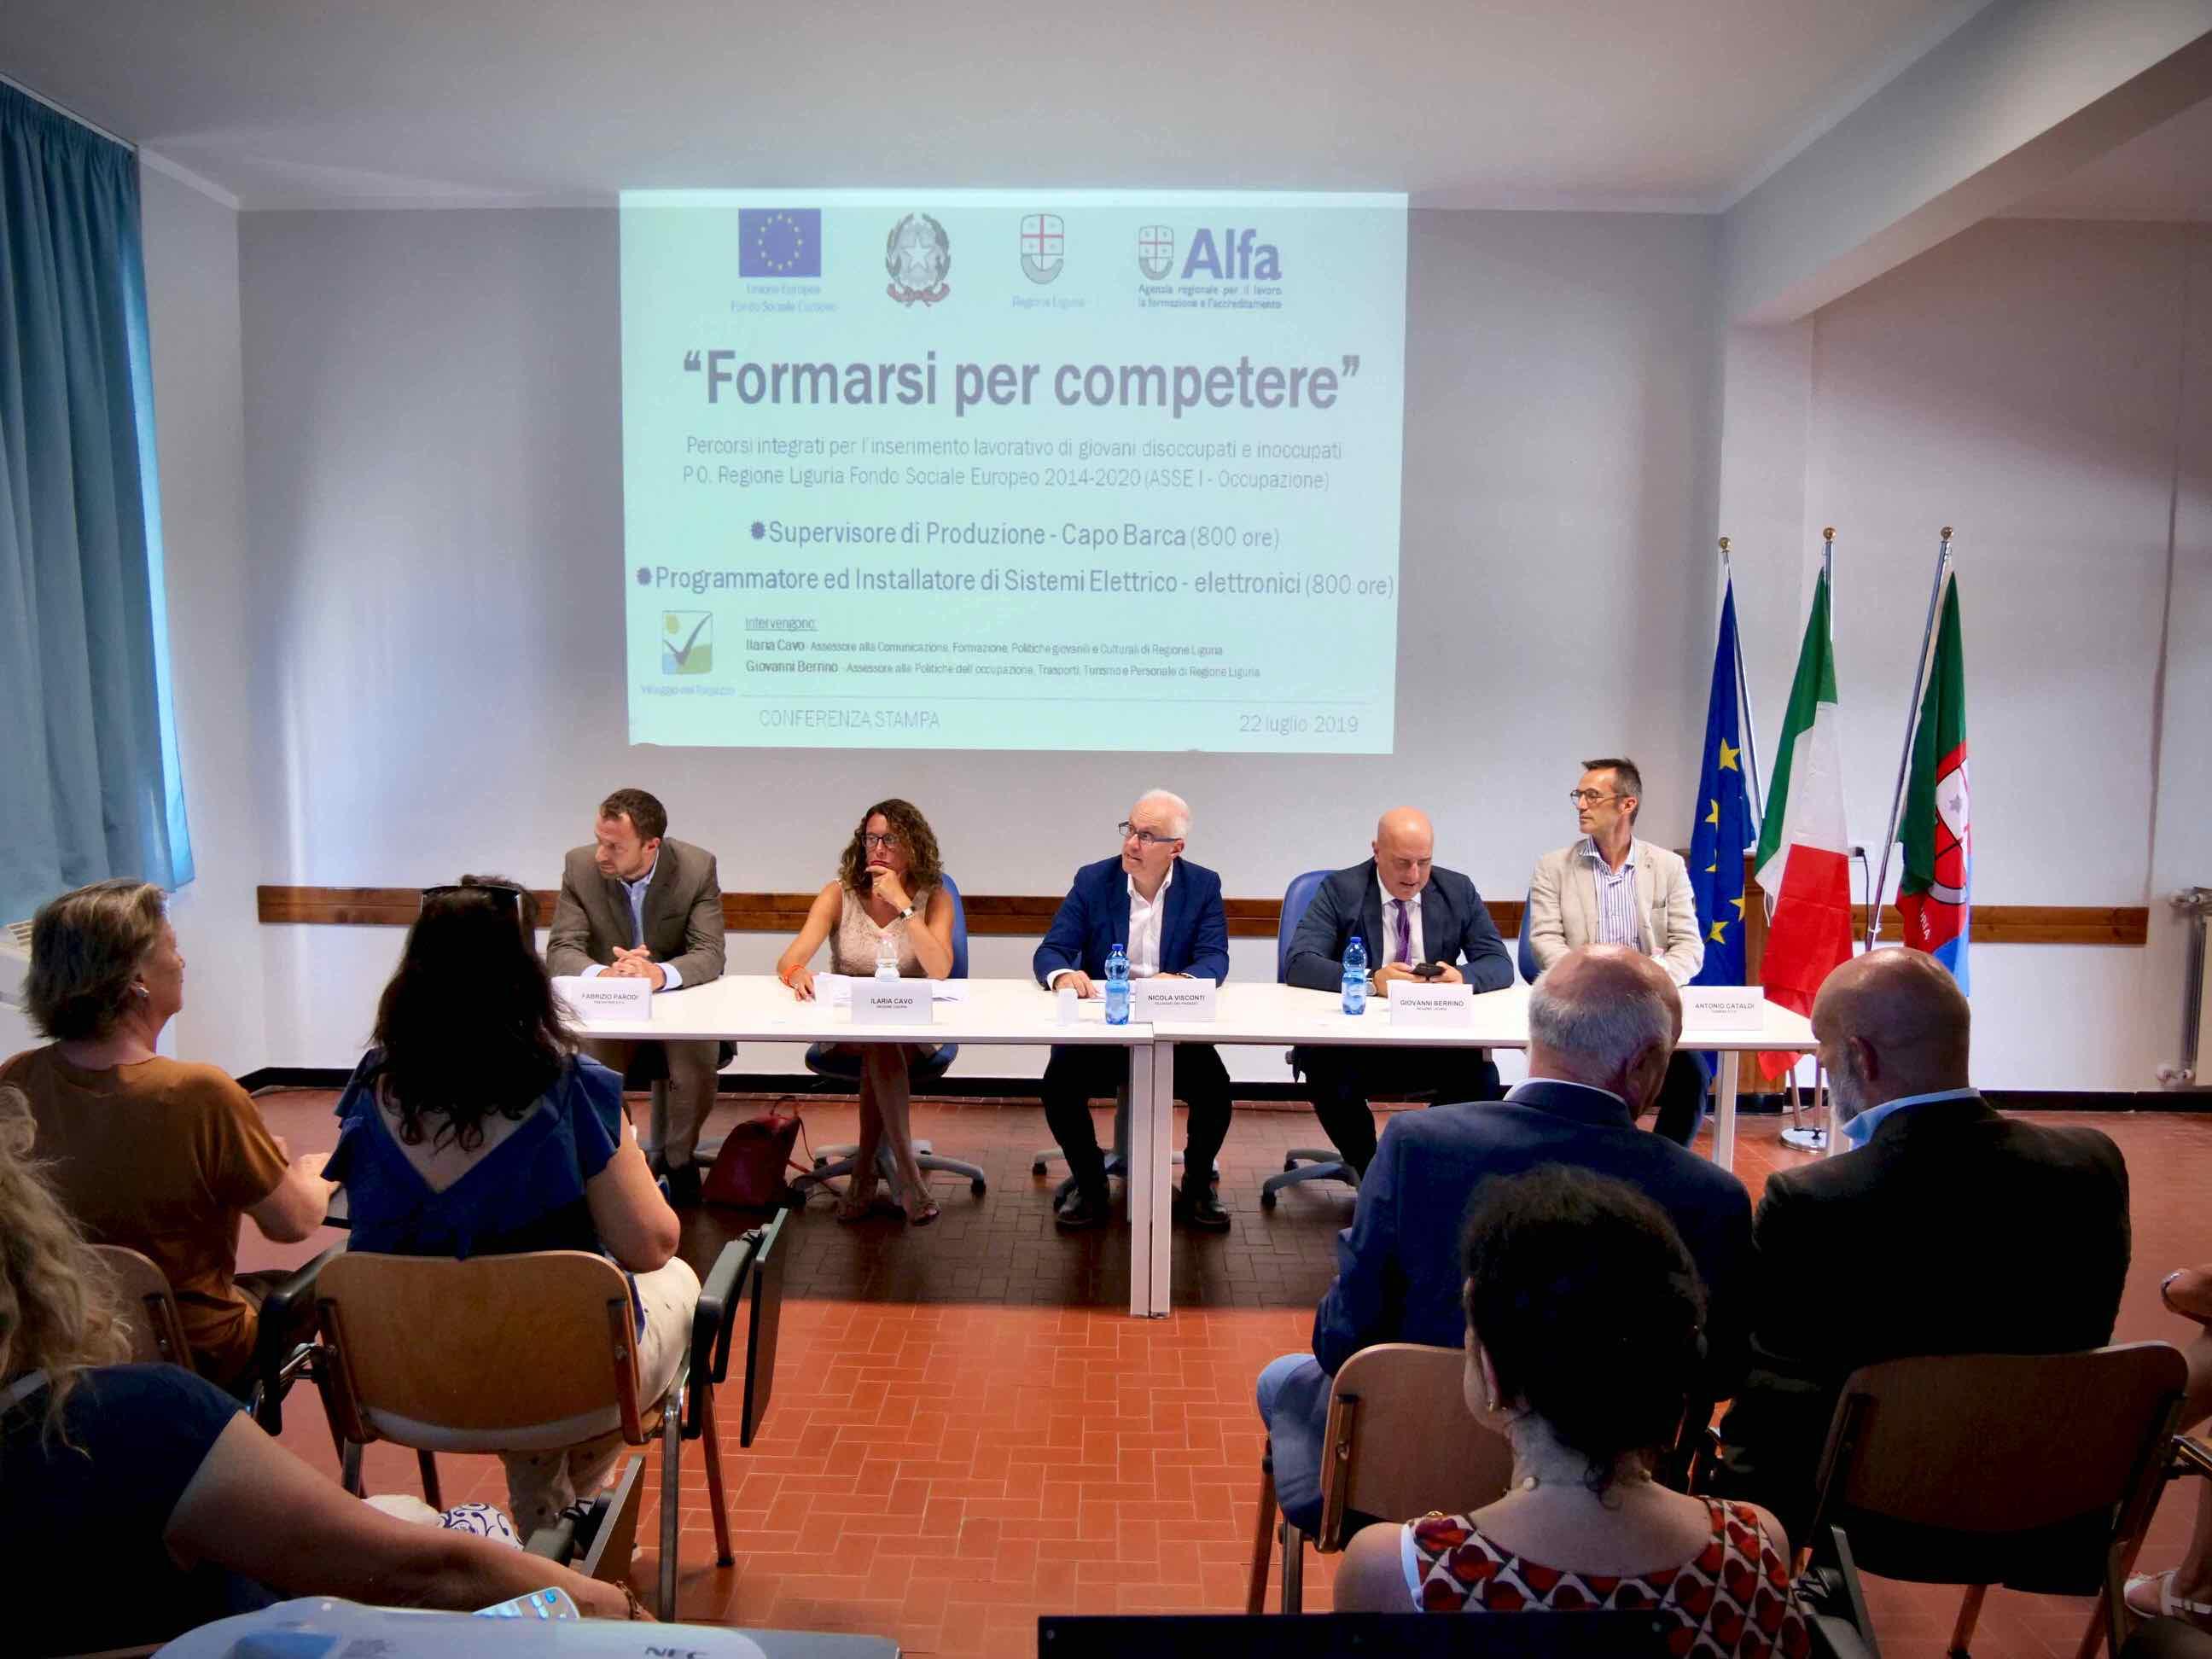 Conferenza Stampa presentazione Corsi Formarsi per Competere 2019.07.22 - 1